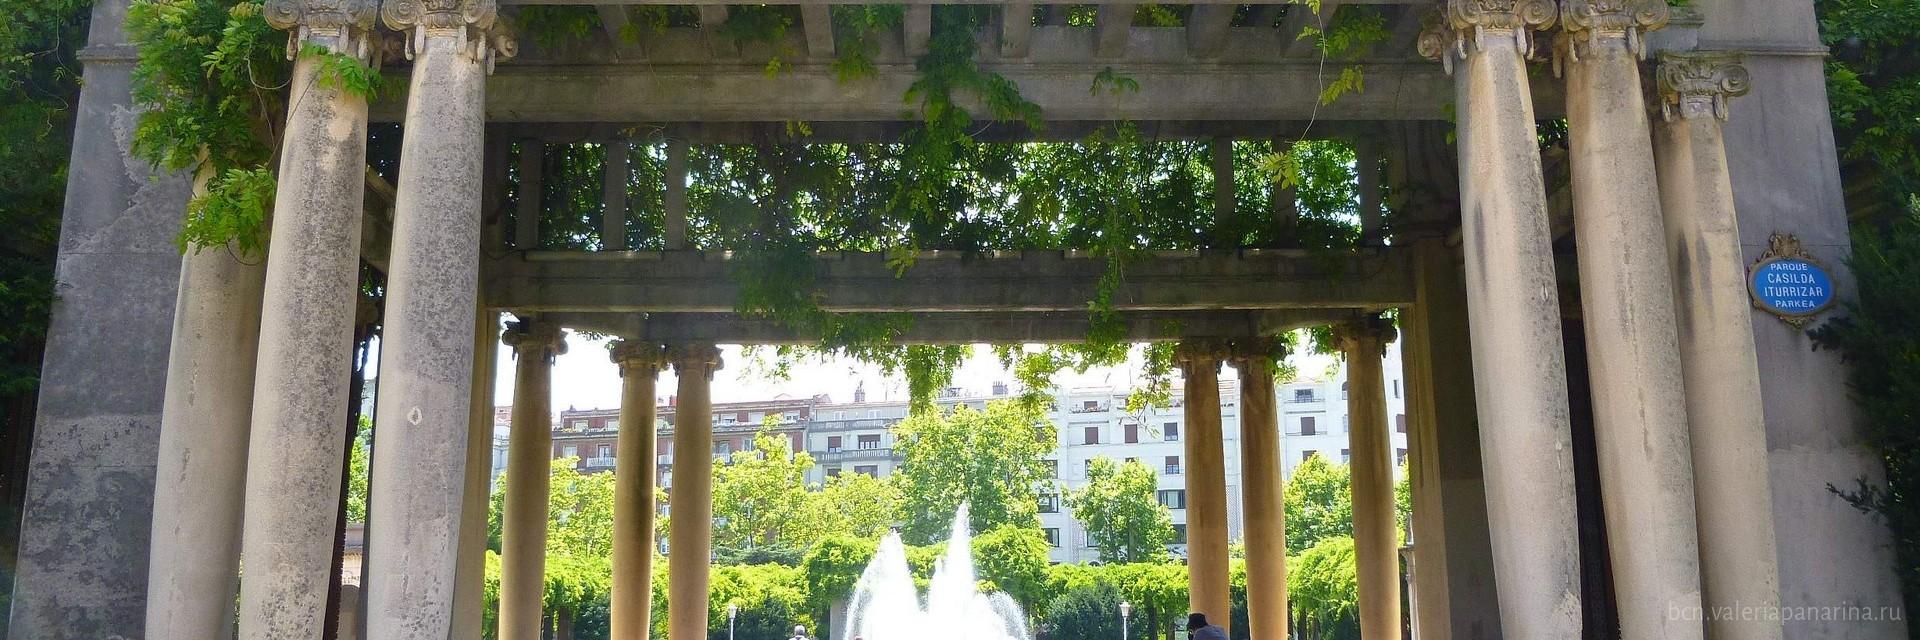 В тишине парка Доньи Касильды